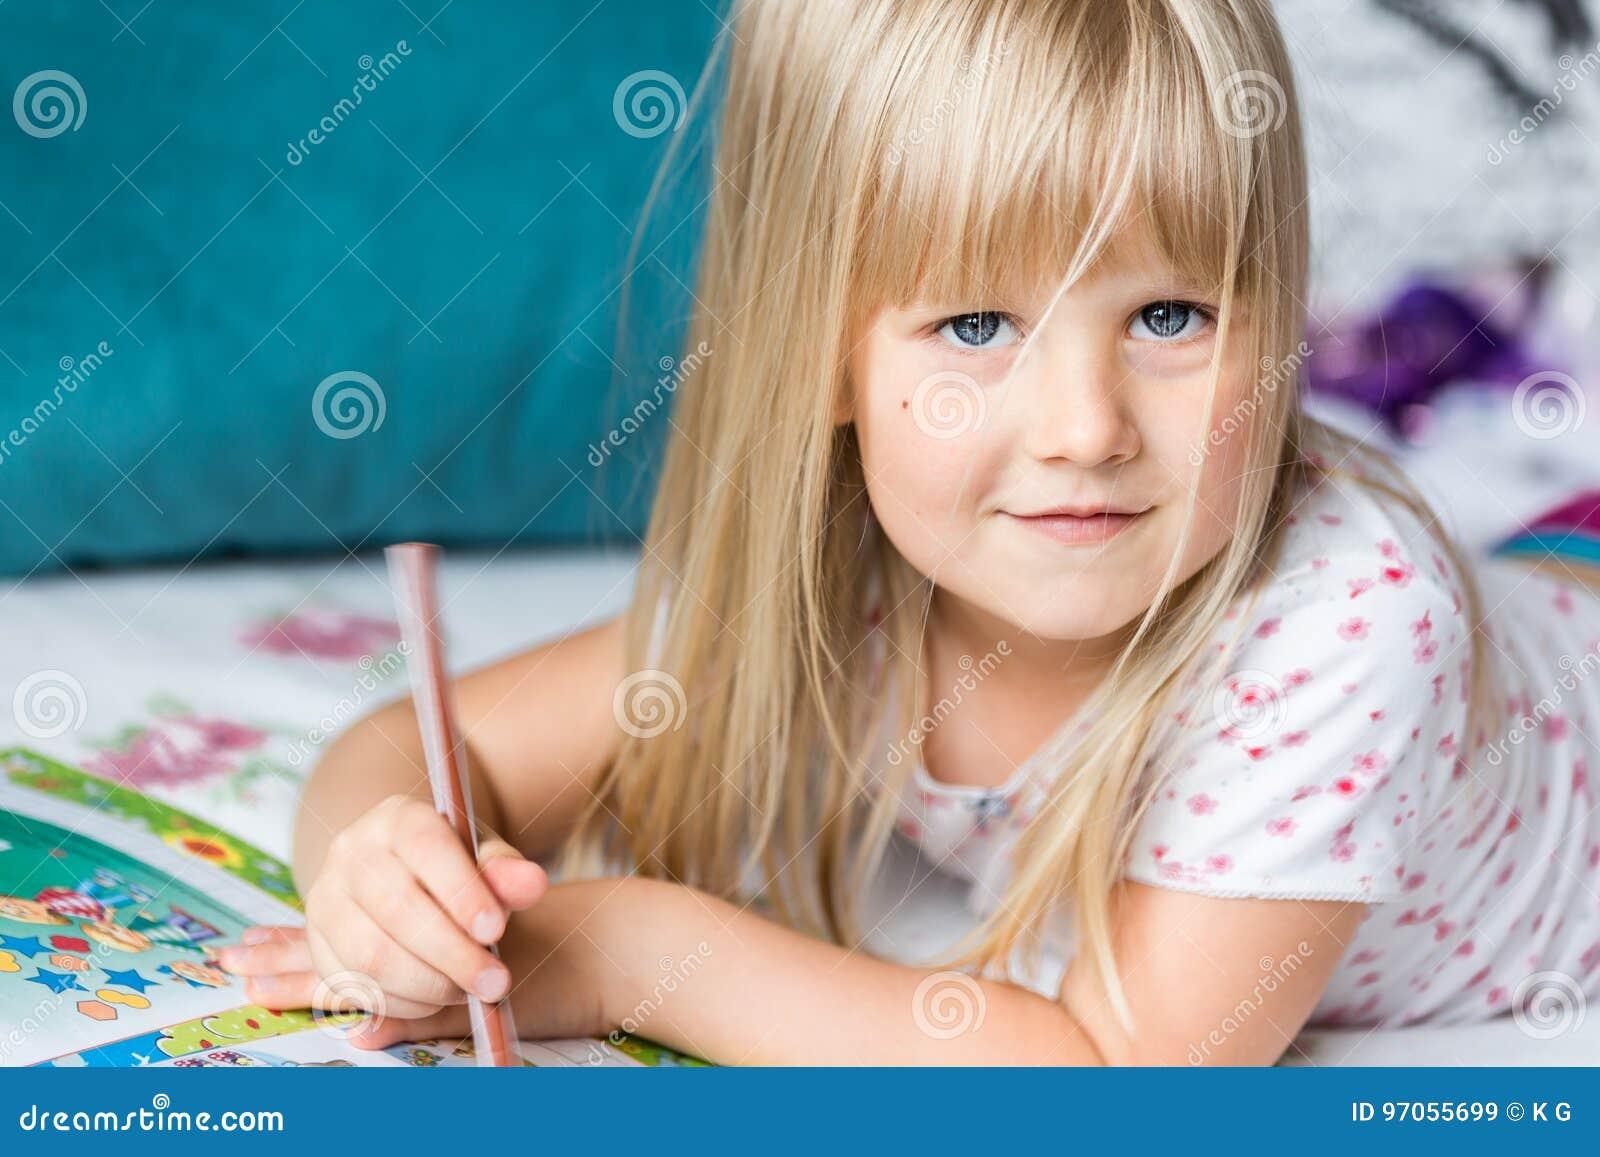 Nettes liitle blondes Mädchen, das auf einem Bett liegt und Hausarbeit macht